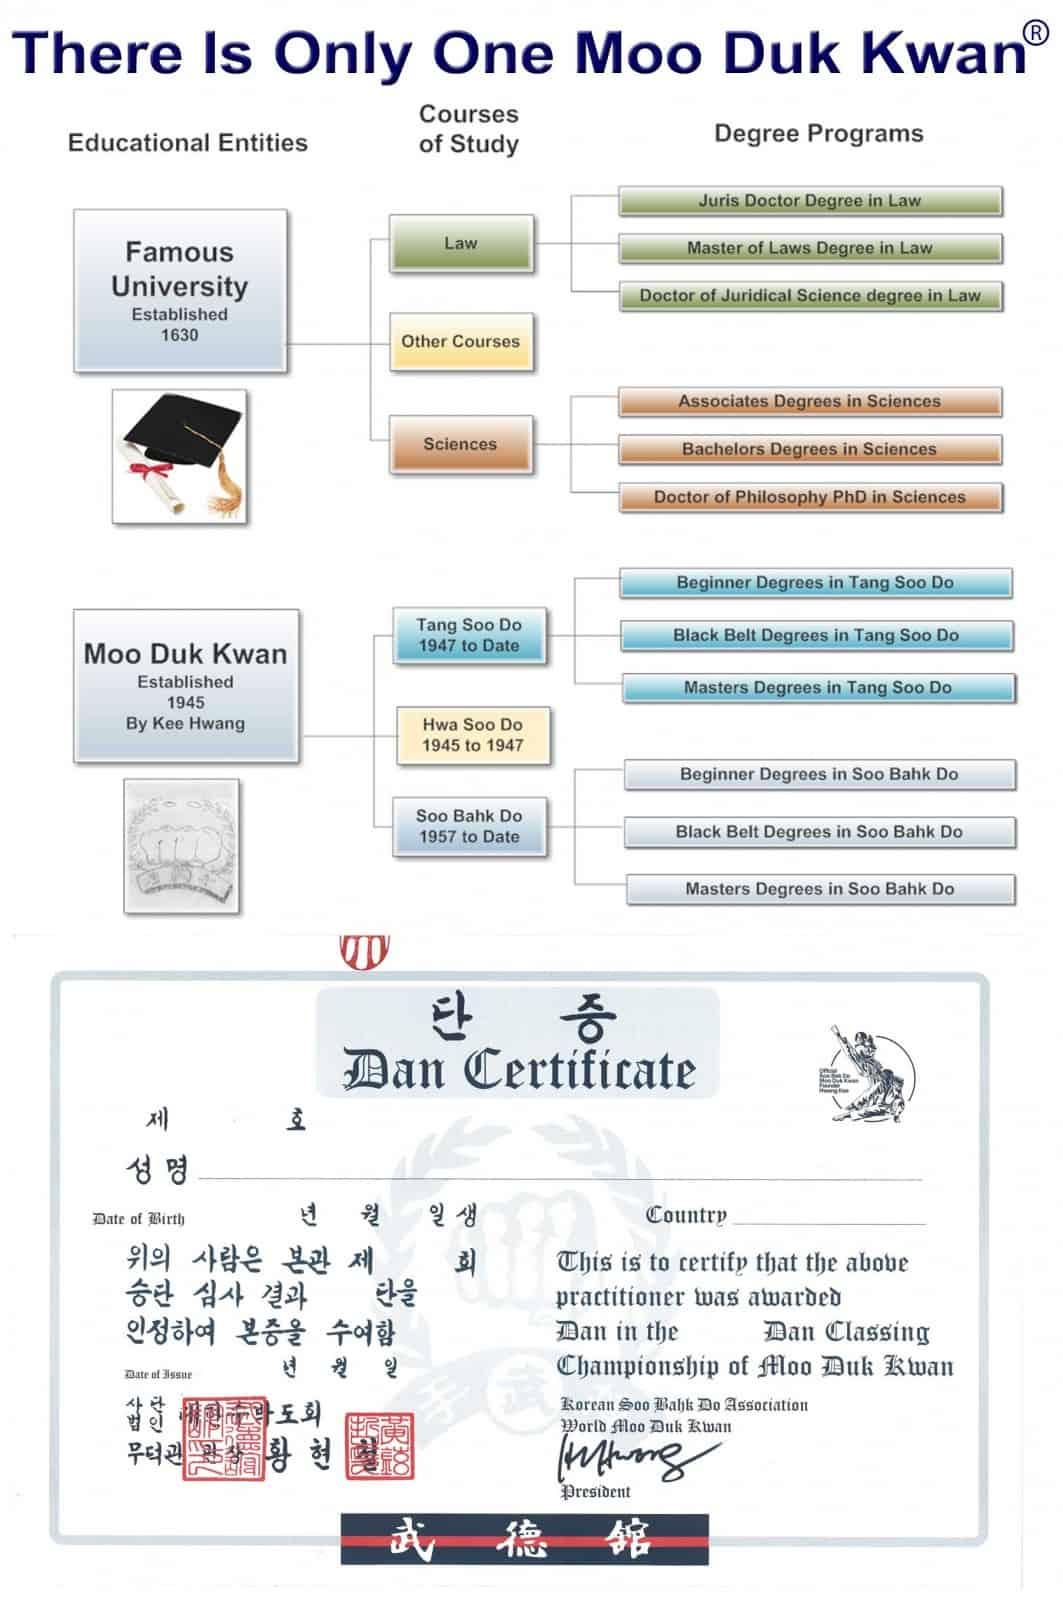 moo_duk_kwan_university_1806x2718